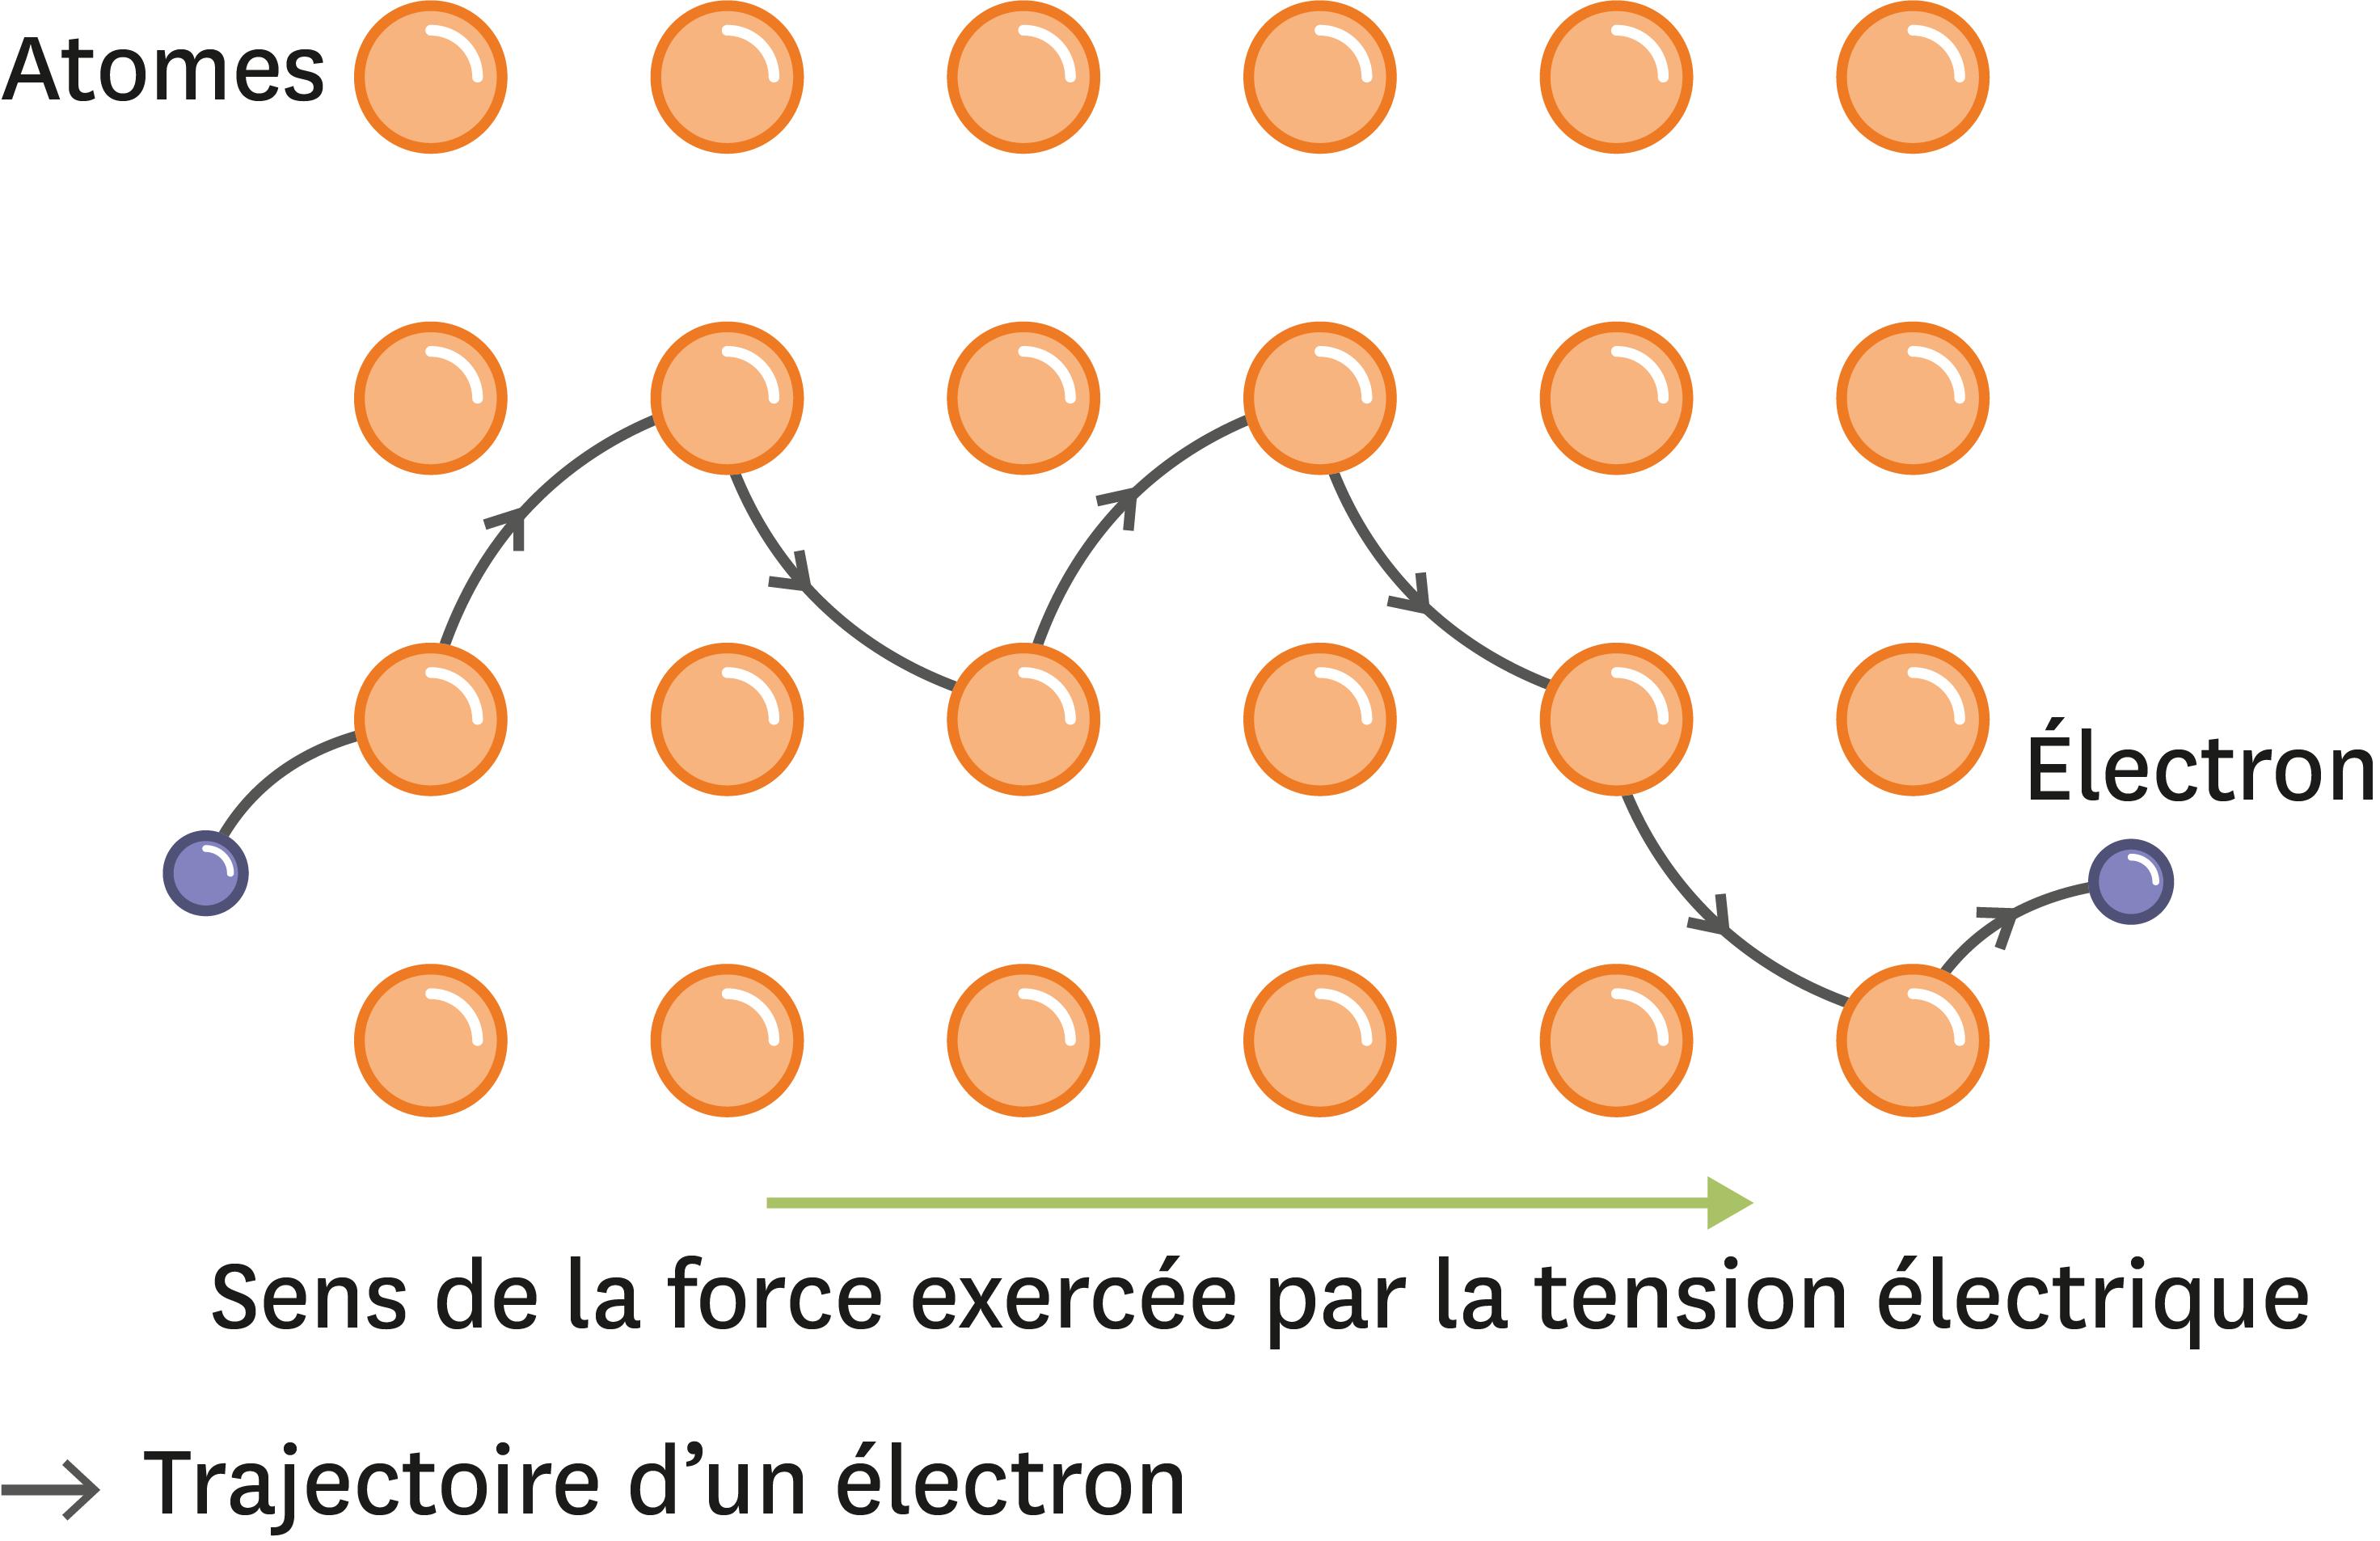 <stamp theme='pc-green1'>Doc. 2</stamp> Trajectoire d'un électron dans le réseau d'atomes. C'est la tension qui attire l'électron d'un côté !